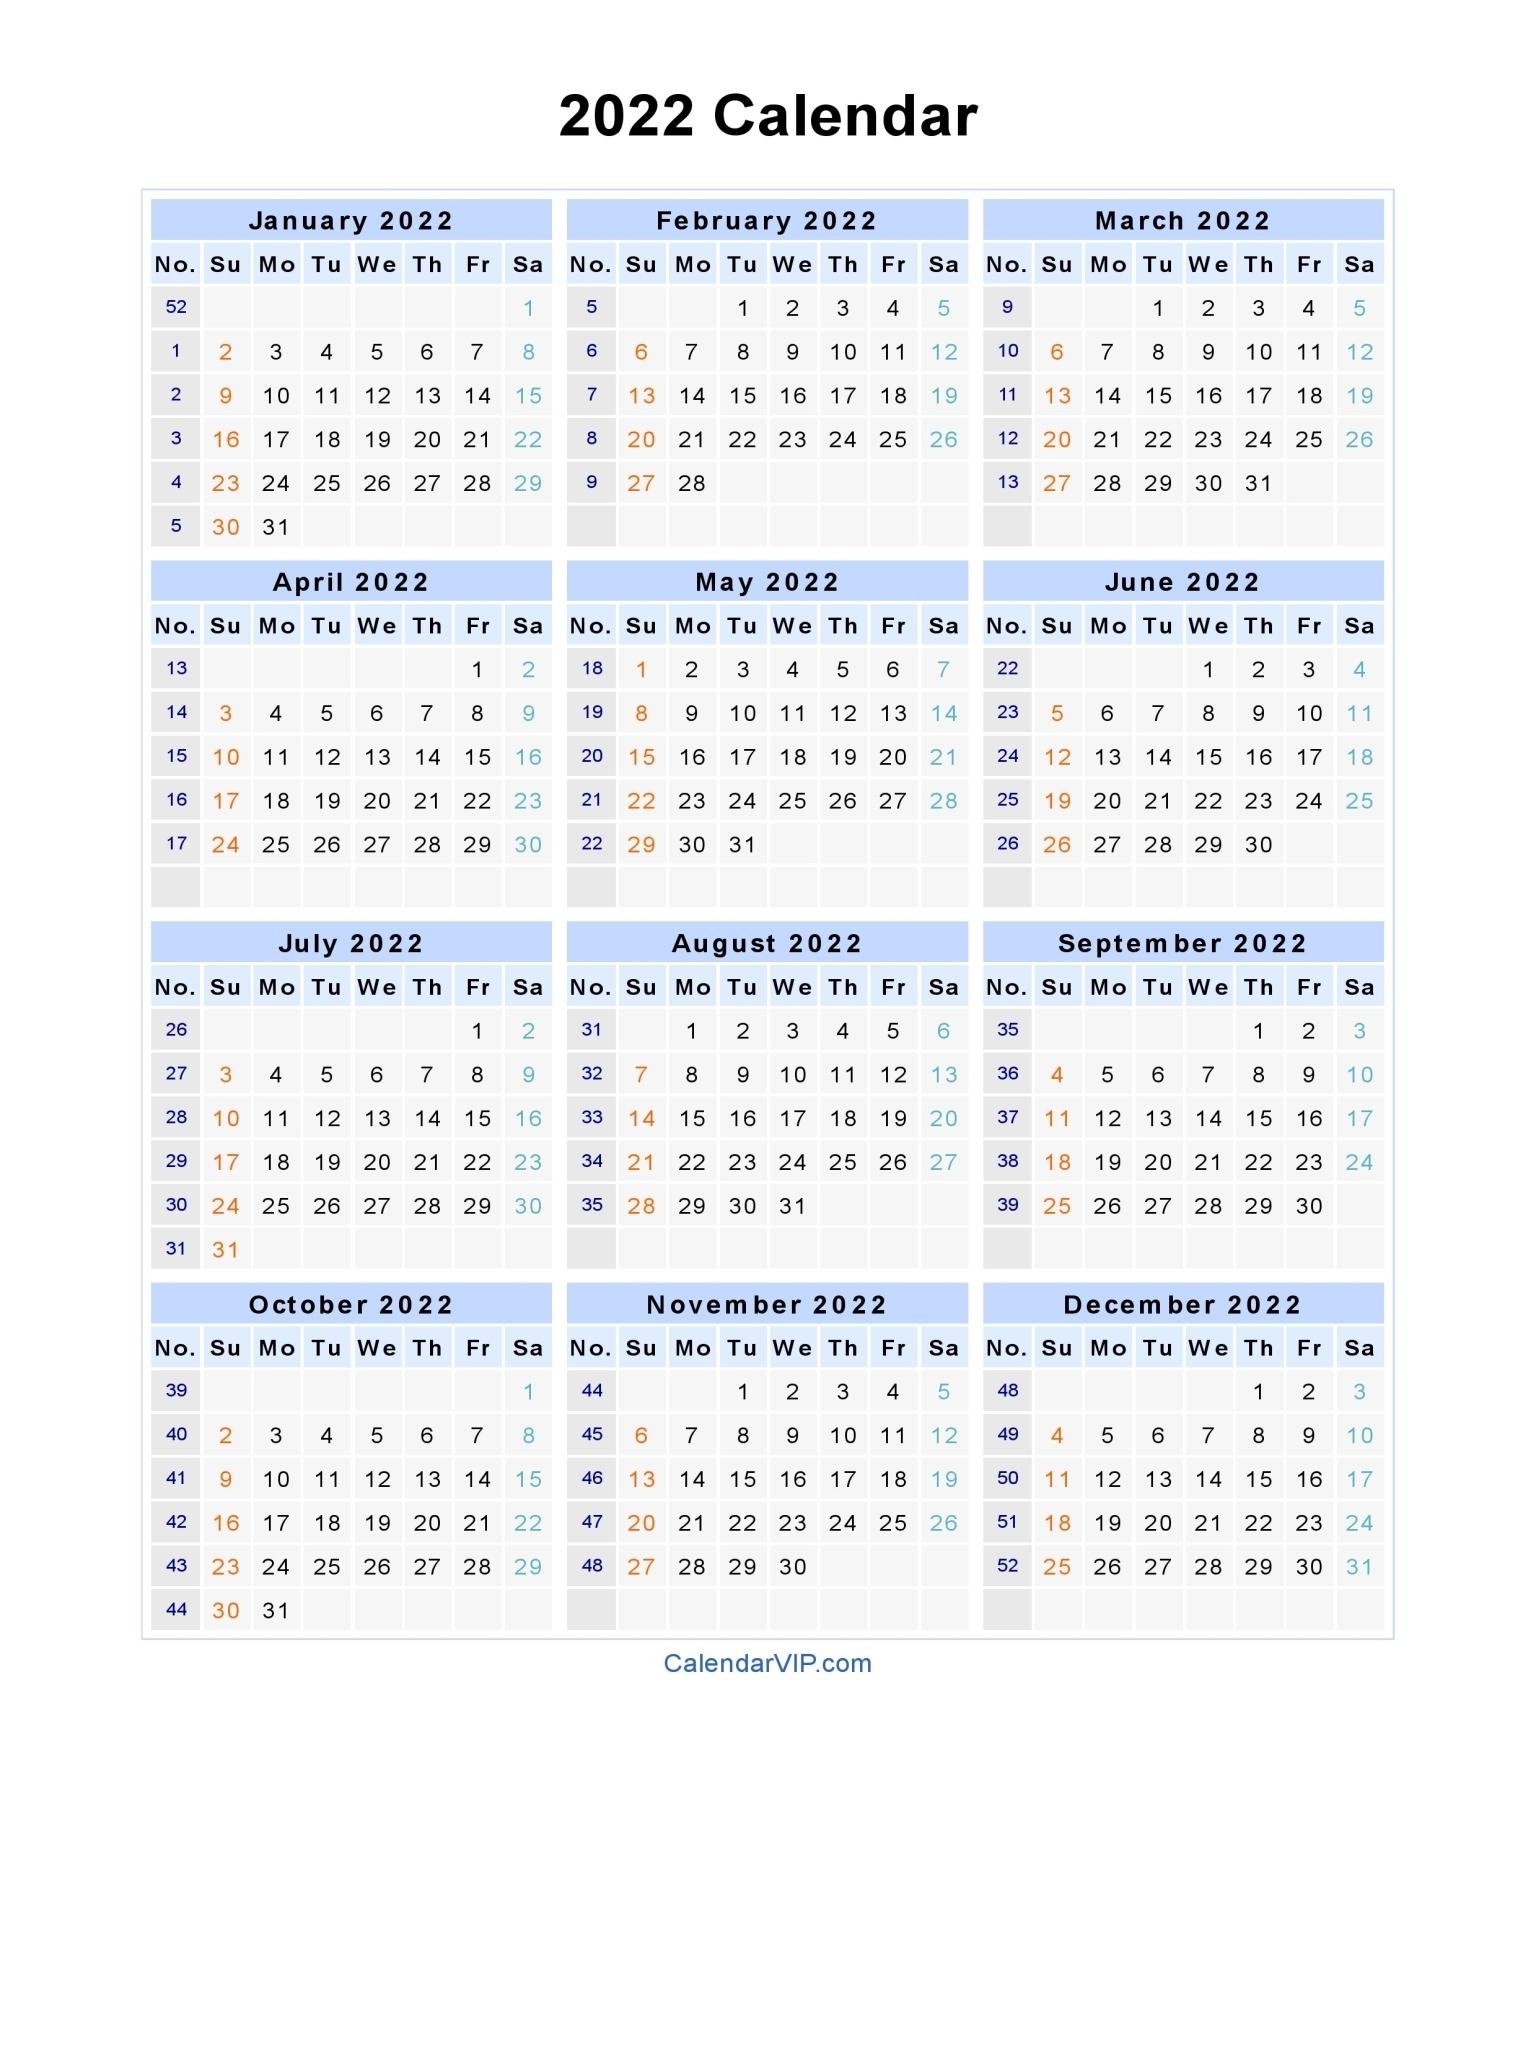 2022 Calendar - Blank Printable Calendar Template In Pdf Word Excel